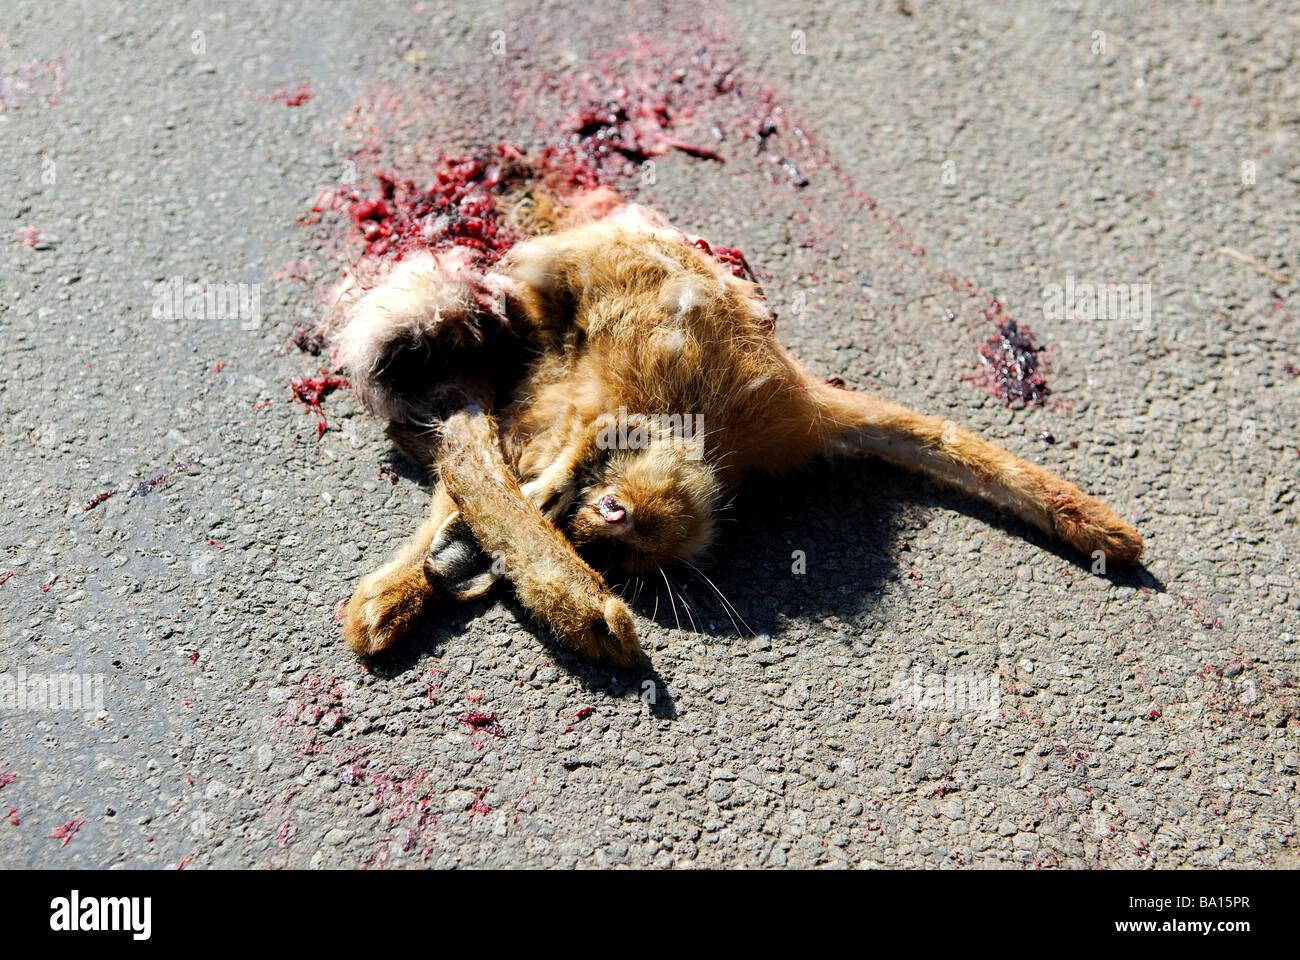 Roadkill Hare. Stock Photo